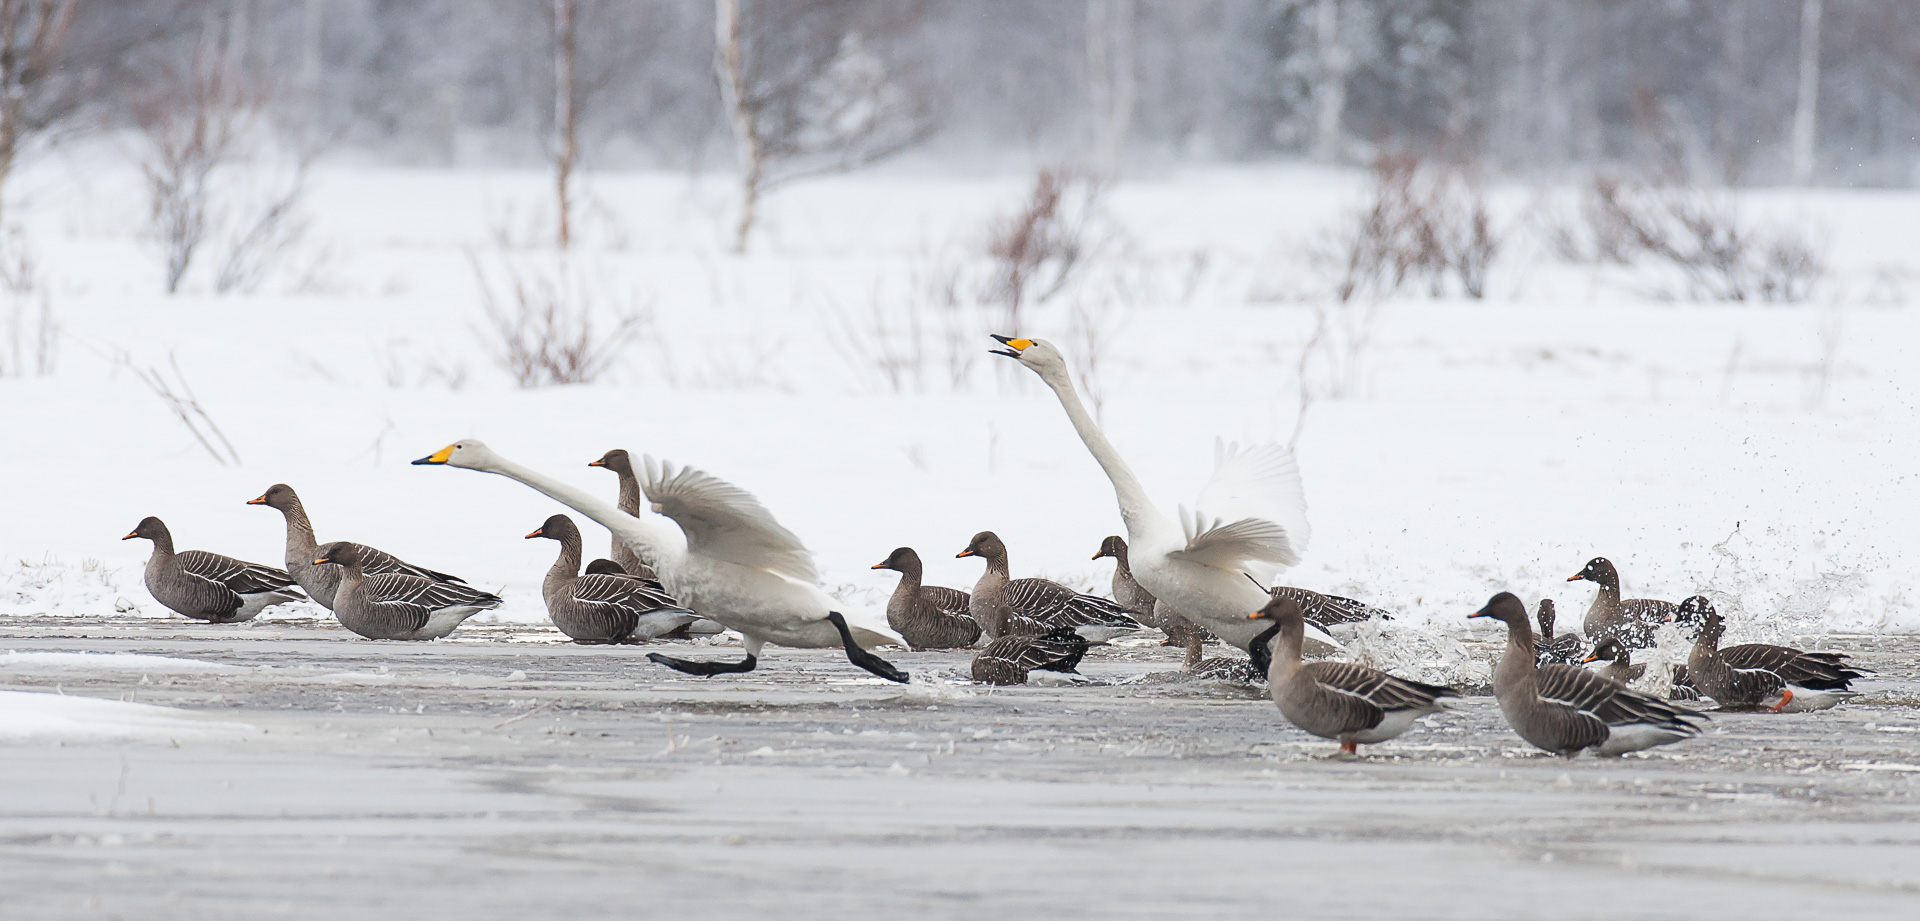 whooper-swans-6619-by-olli-lamminsalo_26948848974_o.jpg